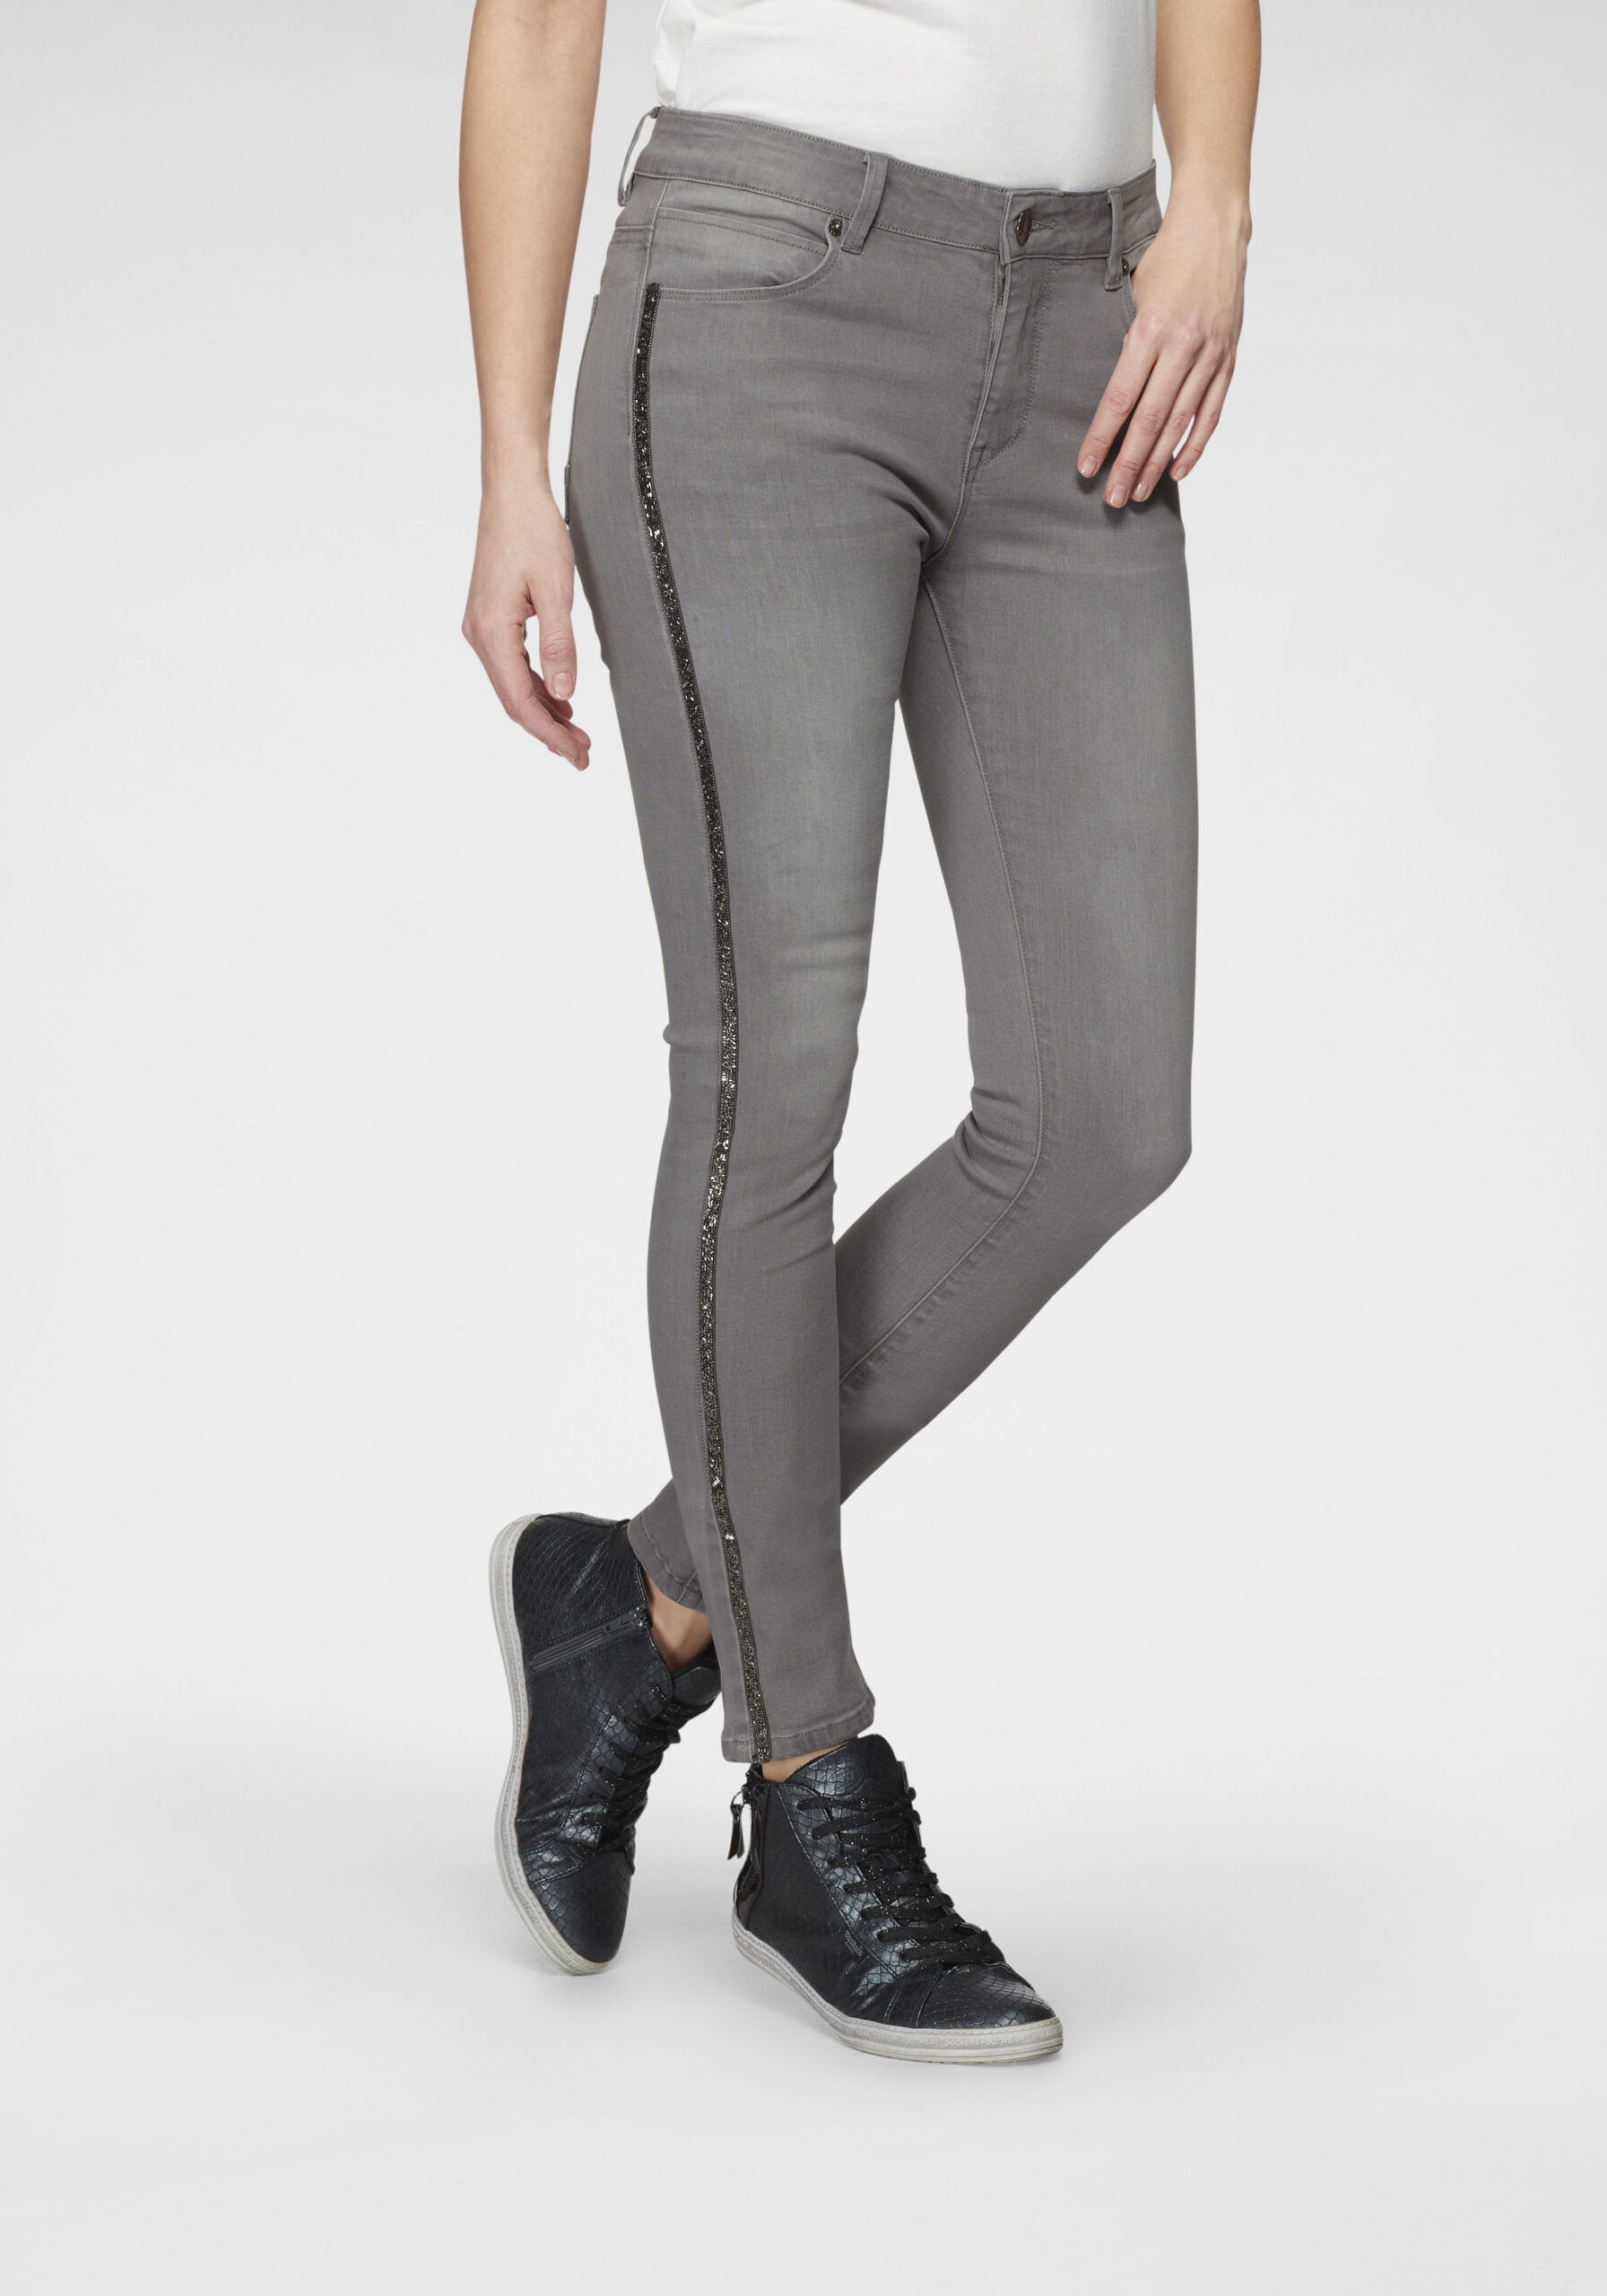 Damen Jeans mit Glanz-Streifen Grau